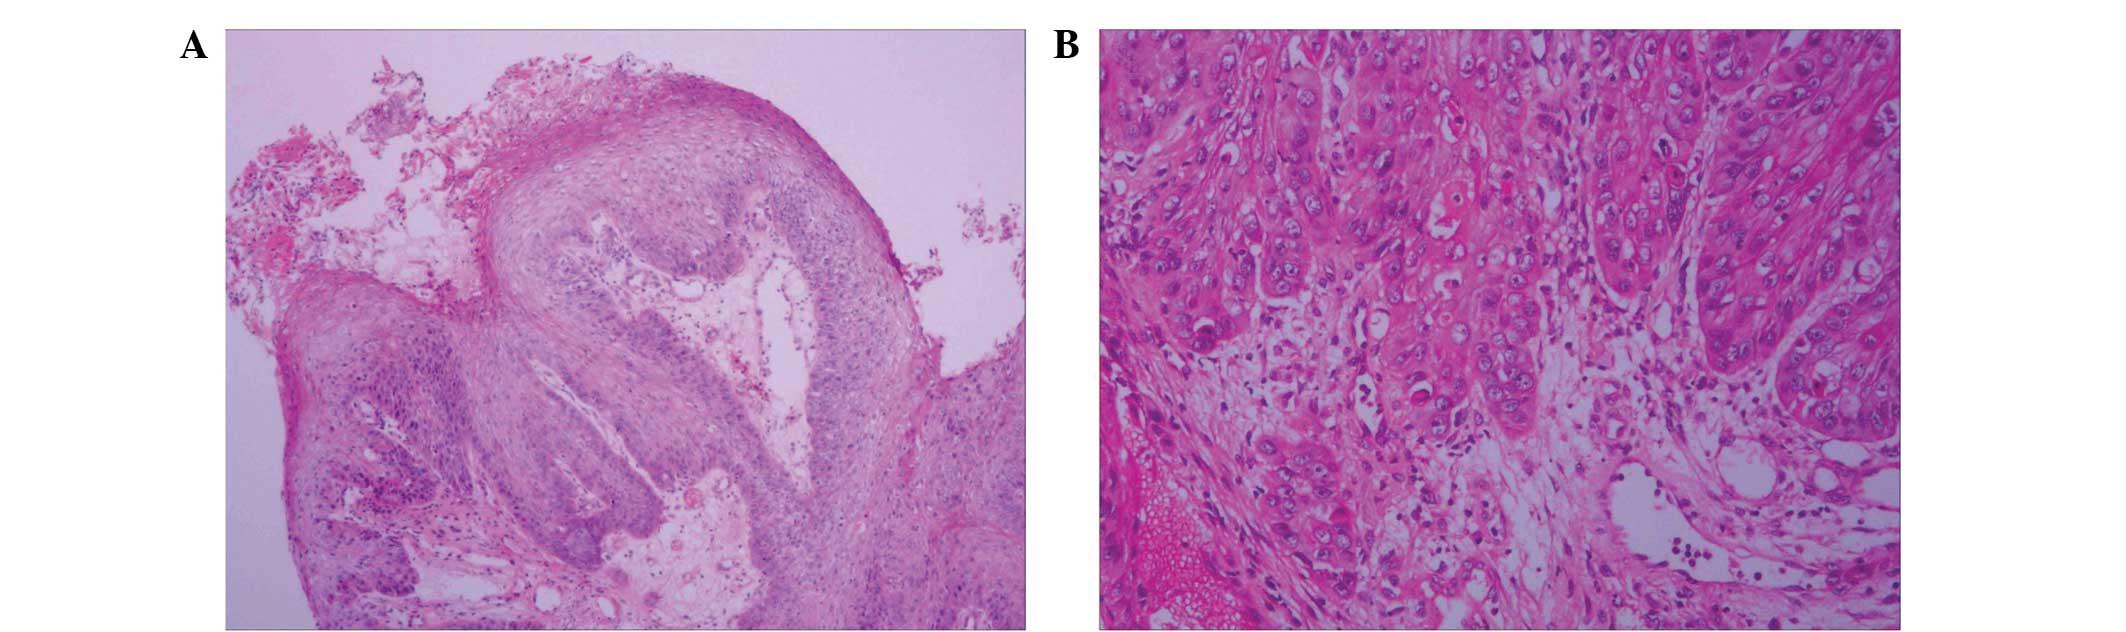 papilloma vs papillary carcinoma